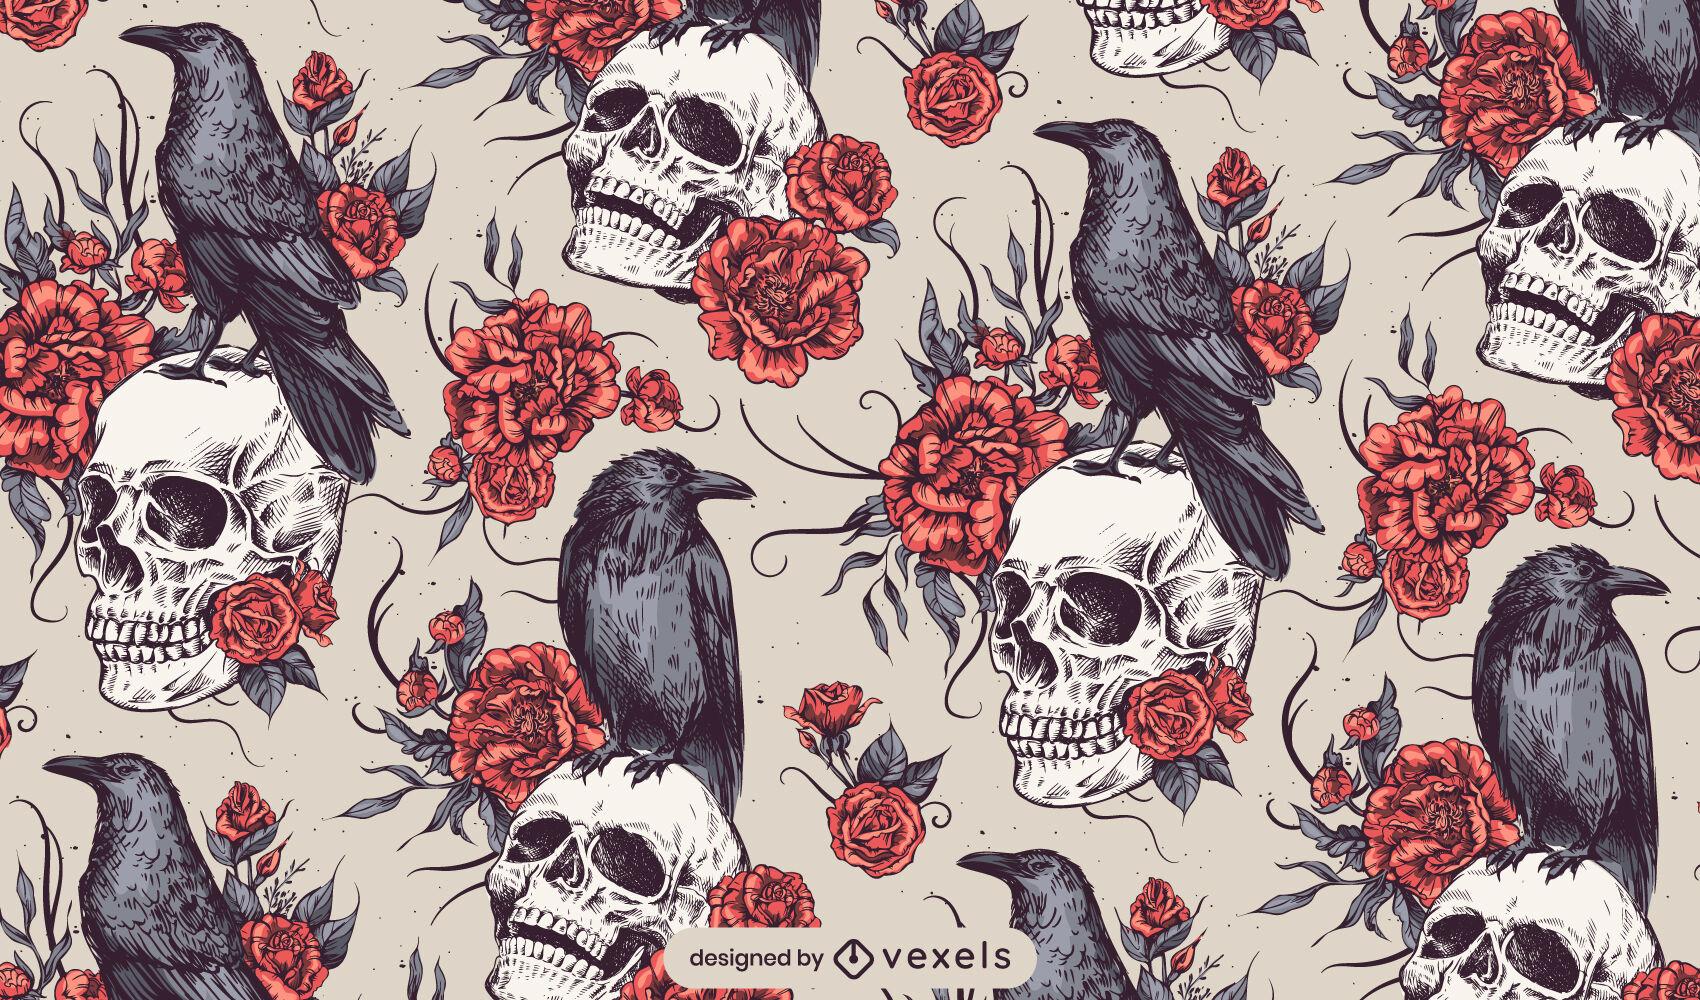 Desenho de padrão gótico de rosas de corvo em caveira